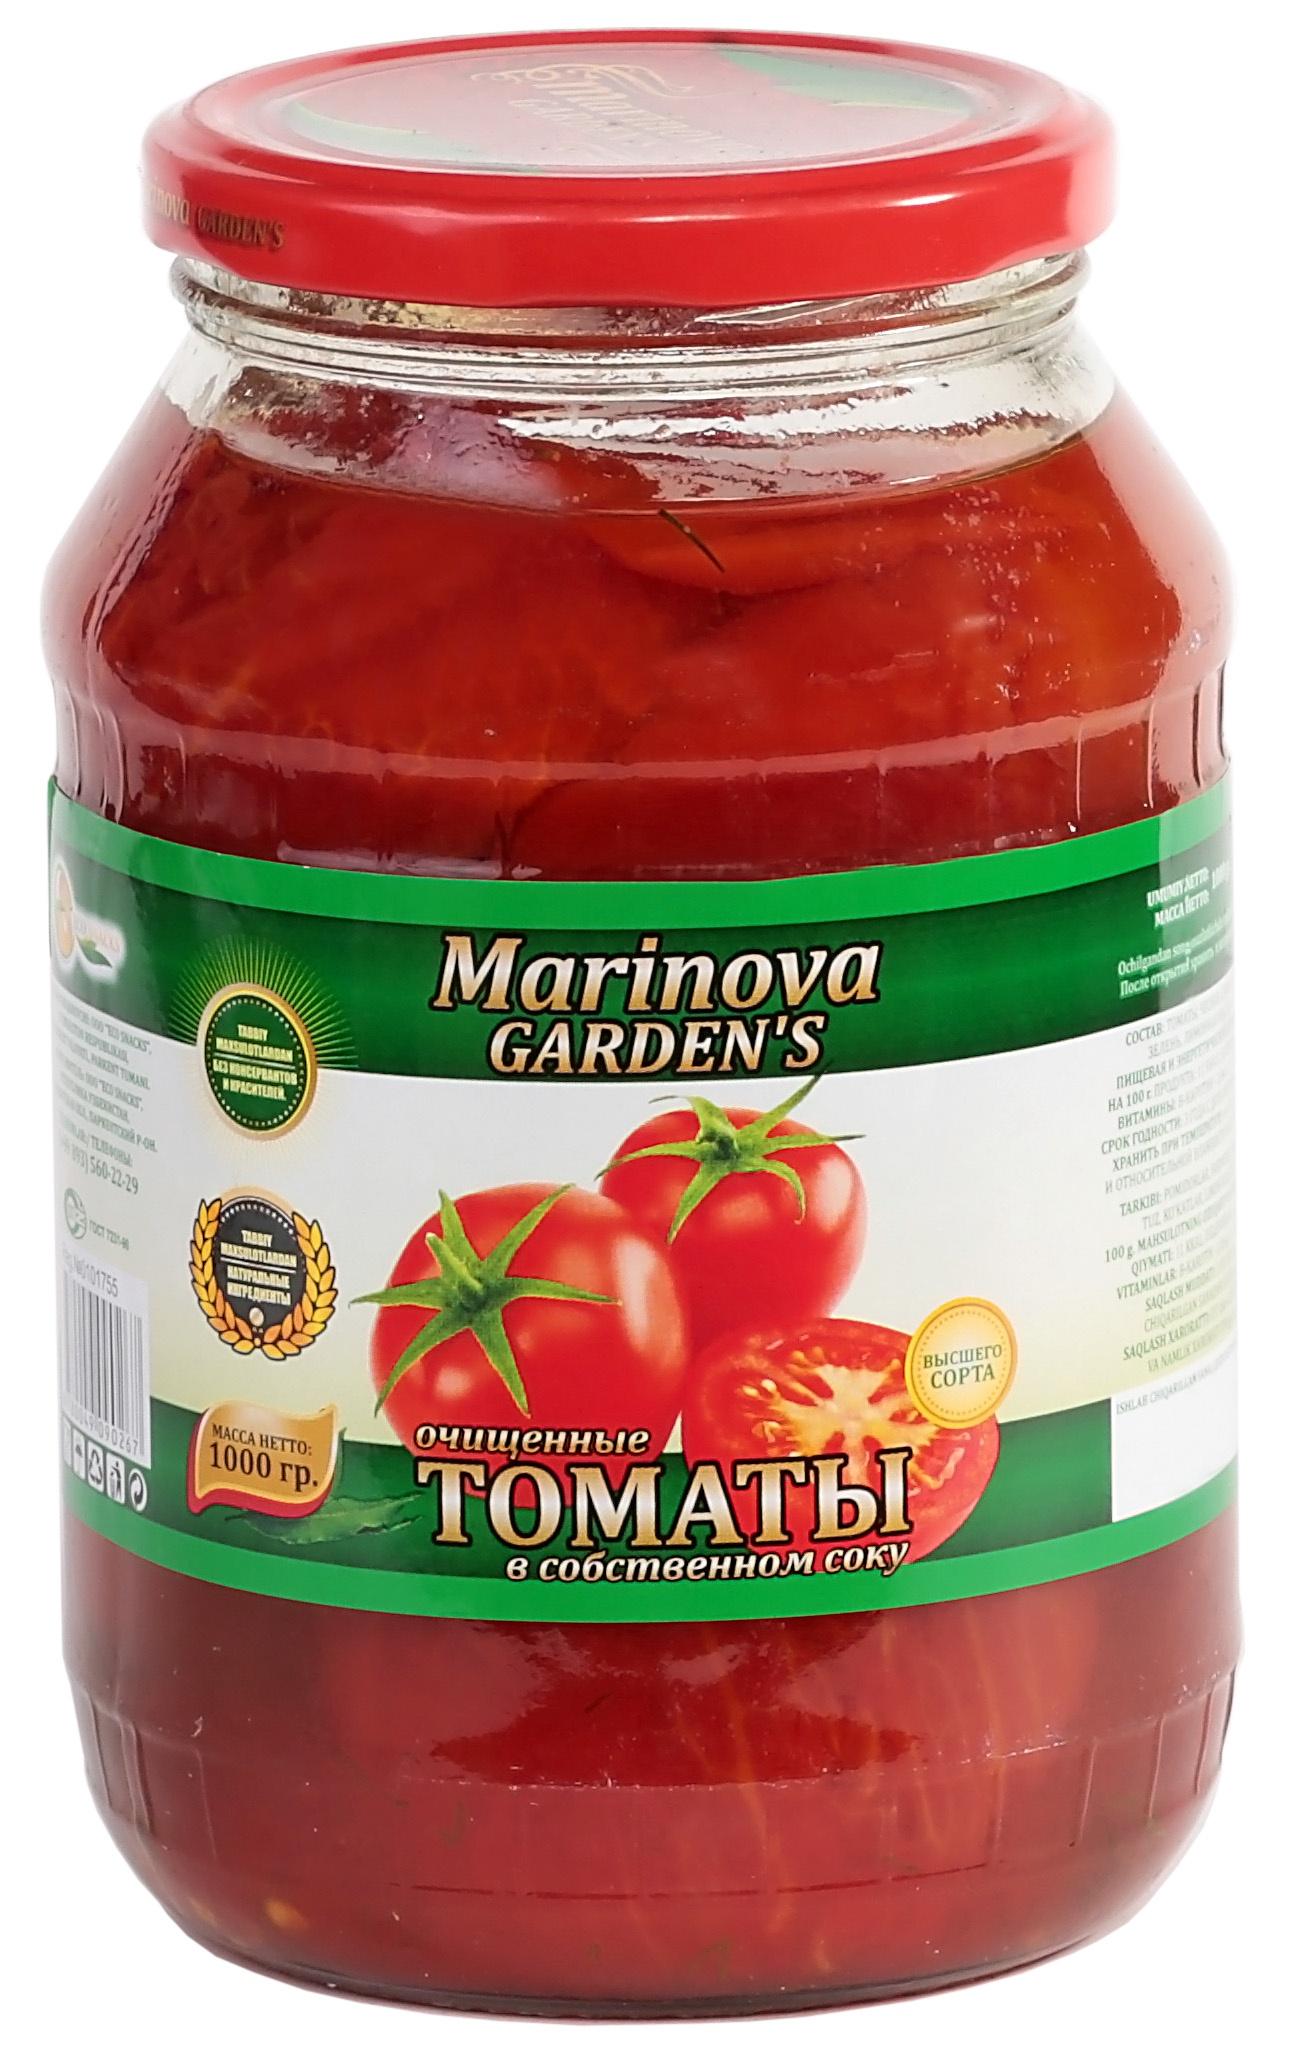 Овощные консервы Marinova Garden Очищенные Томаты в собственном соку Премиум 1000 г, 1200 vegda томаты очищенные италия 425 мл